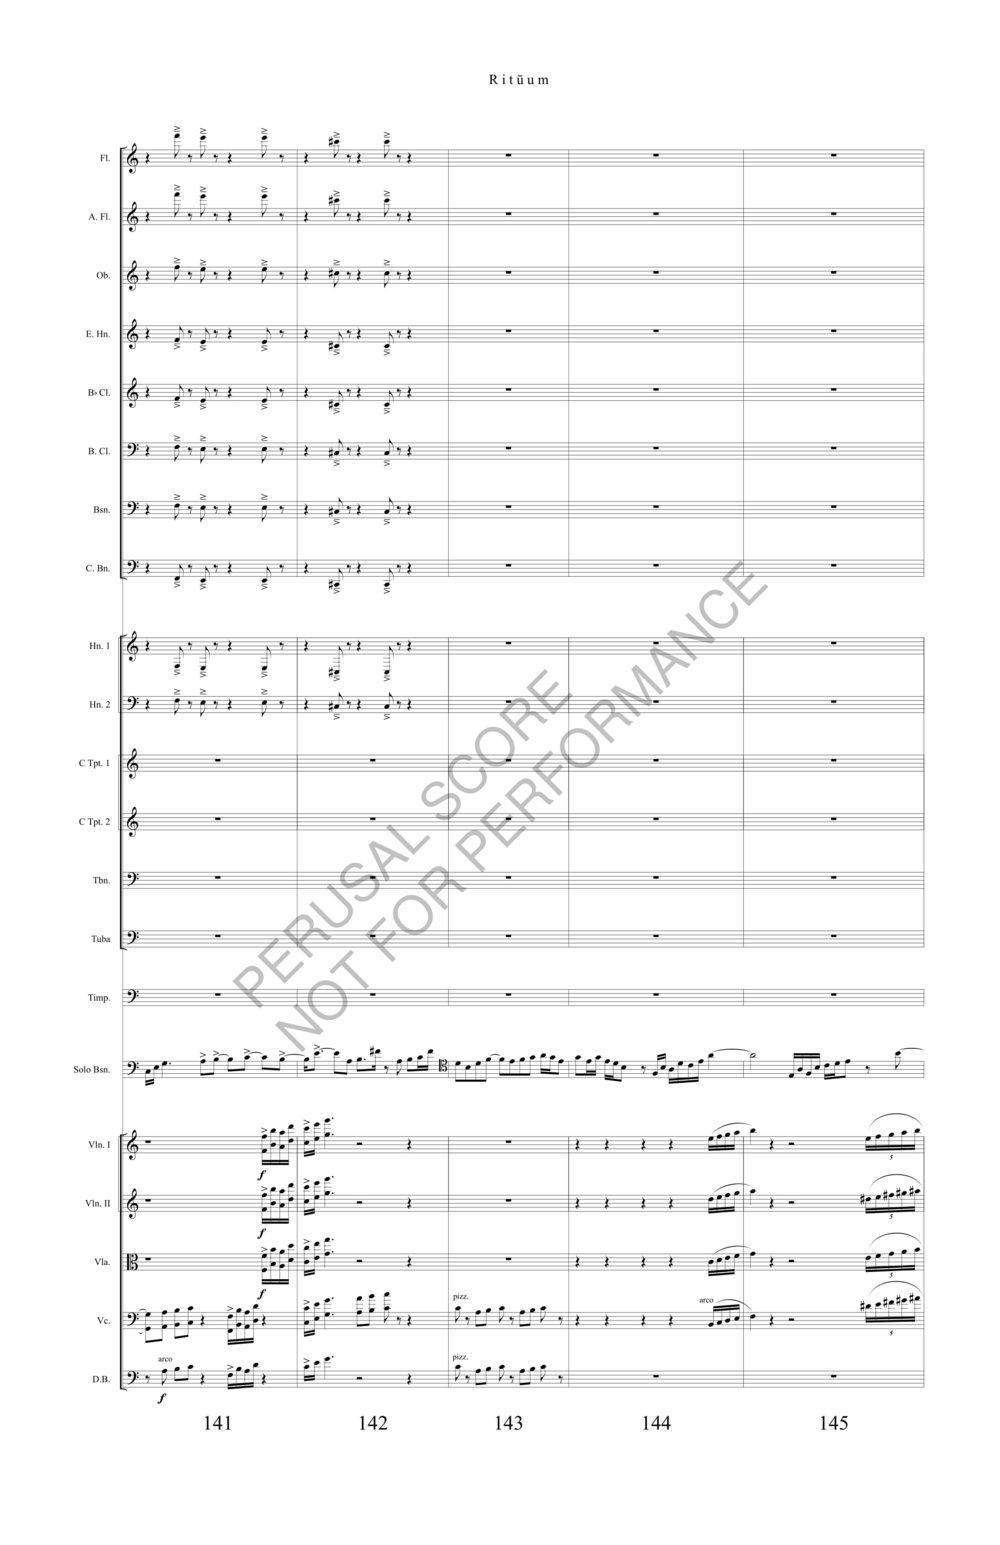 Boyd Rituum Score-watermark (1)-35.jpg